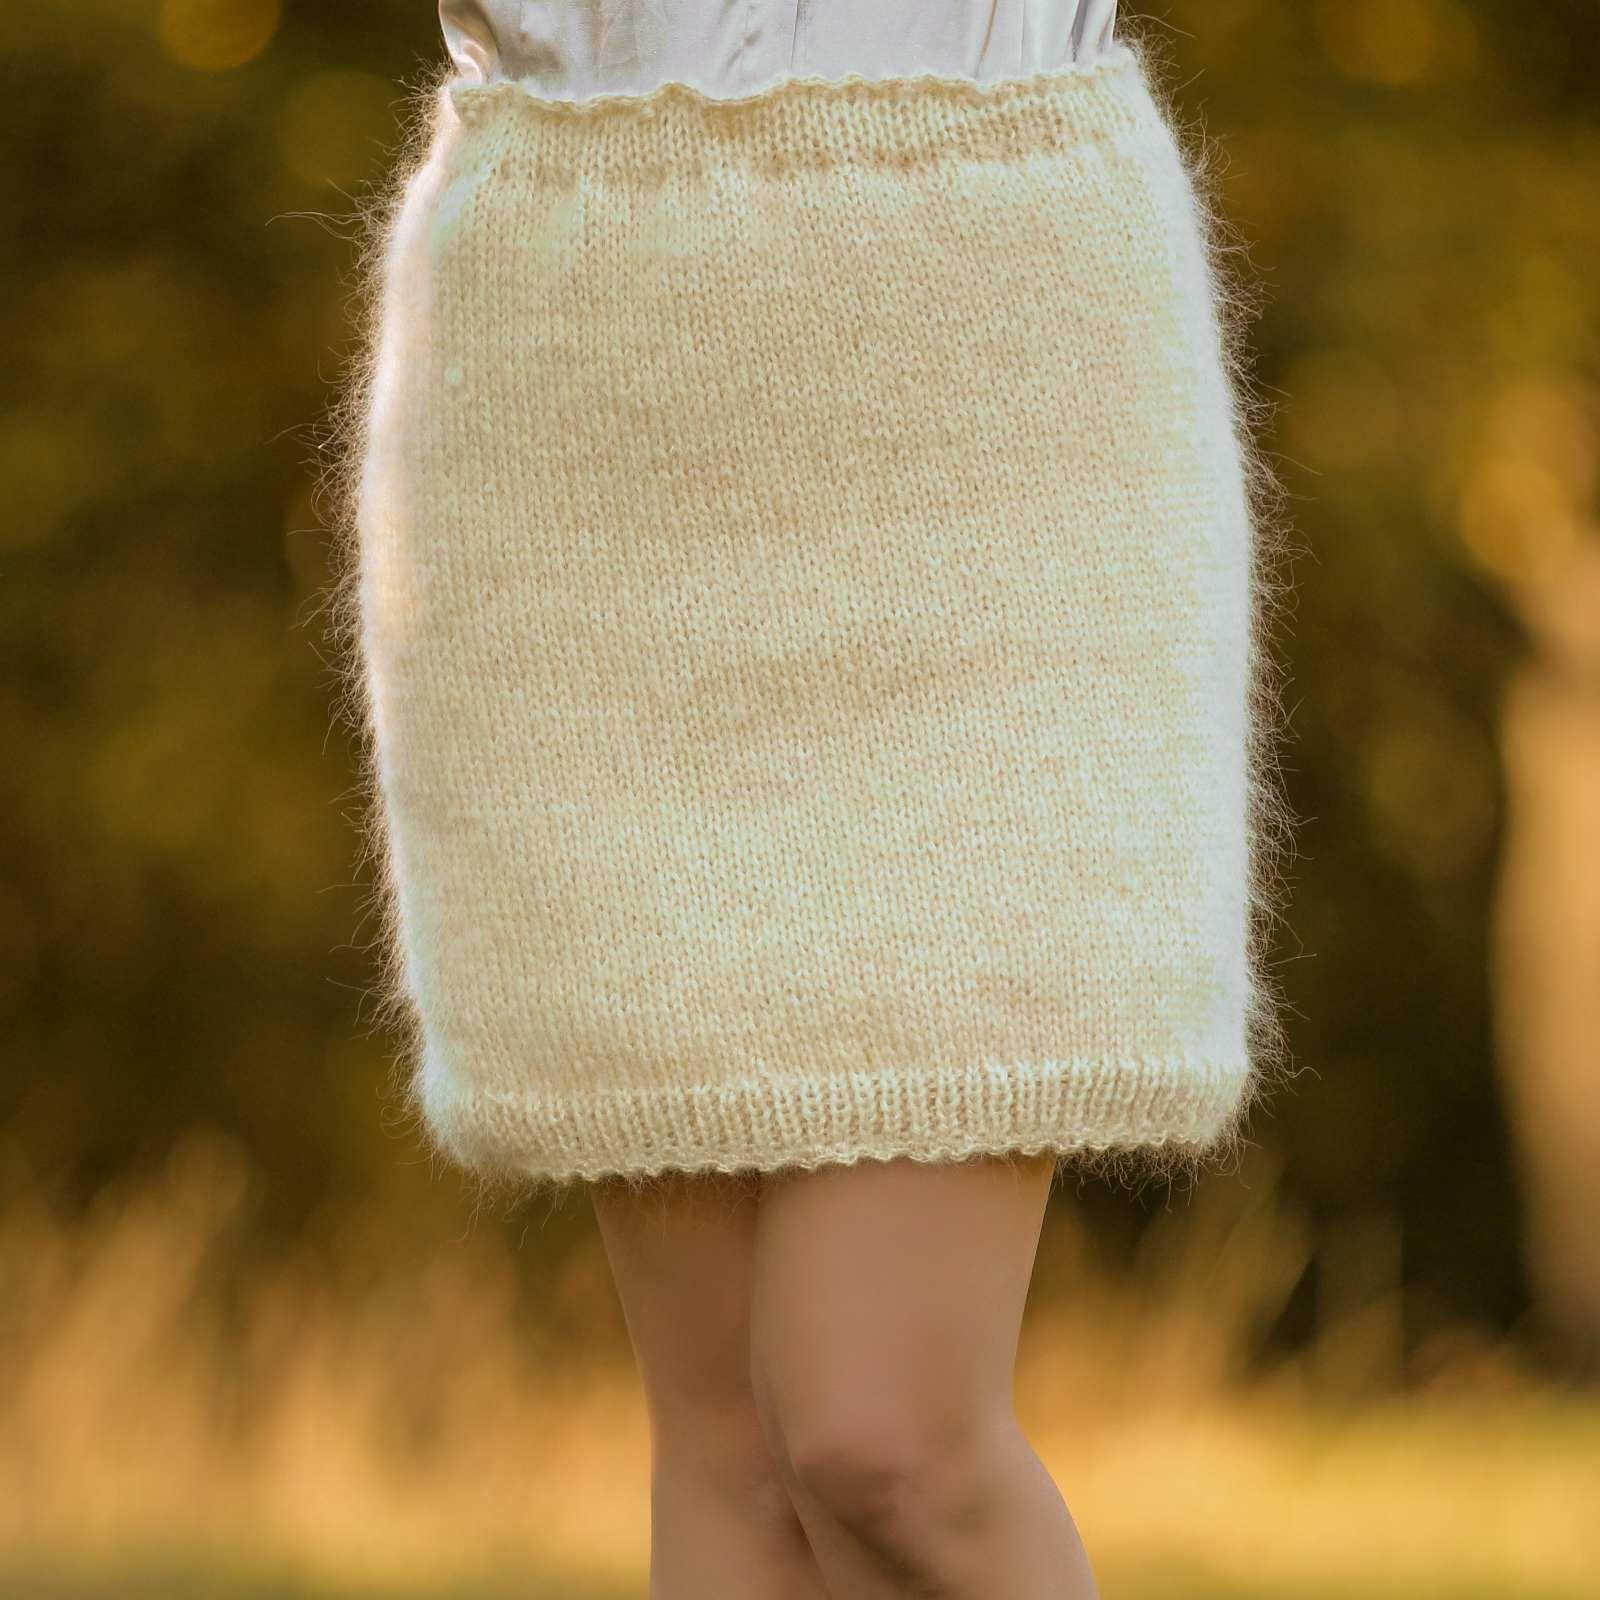 MOHAIR HAND KNITTED Skirt Handmade